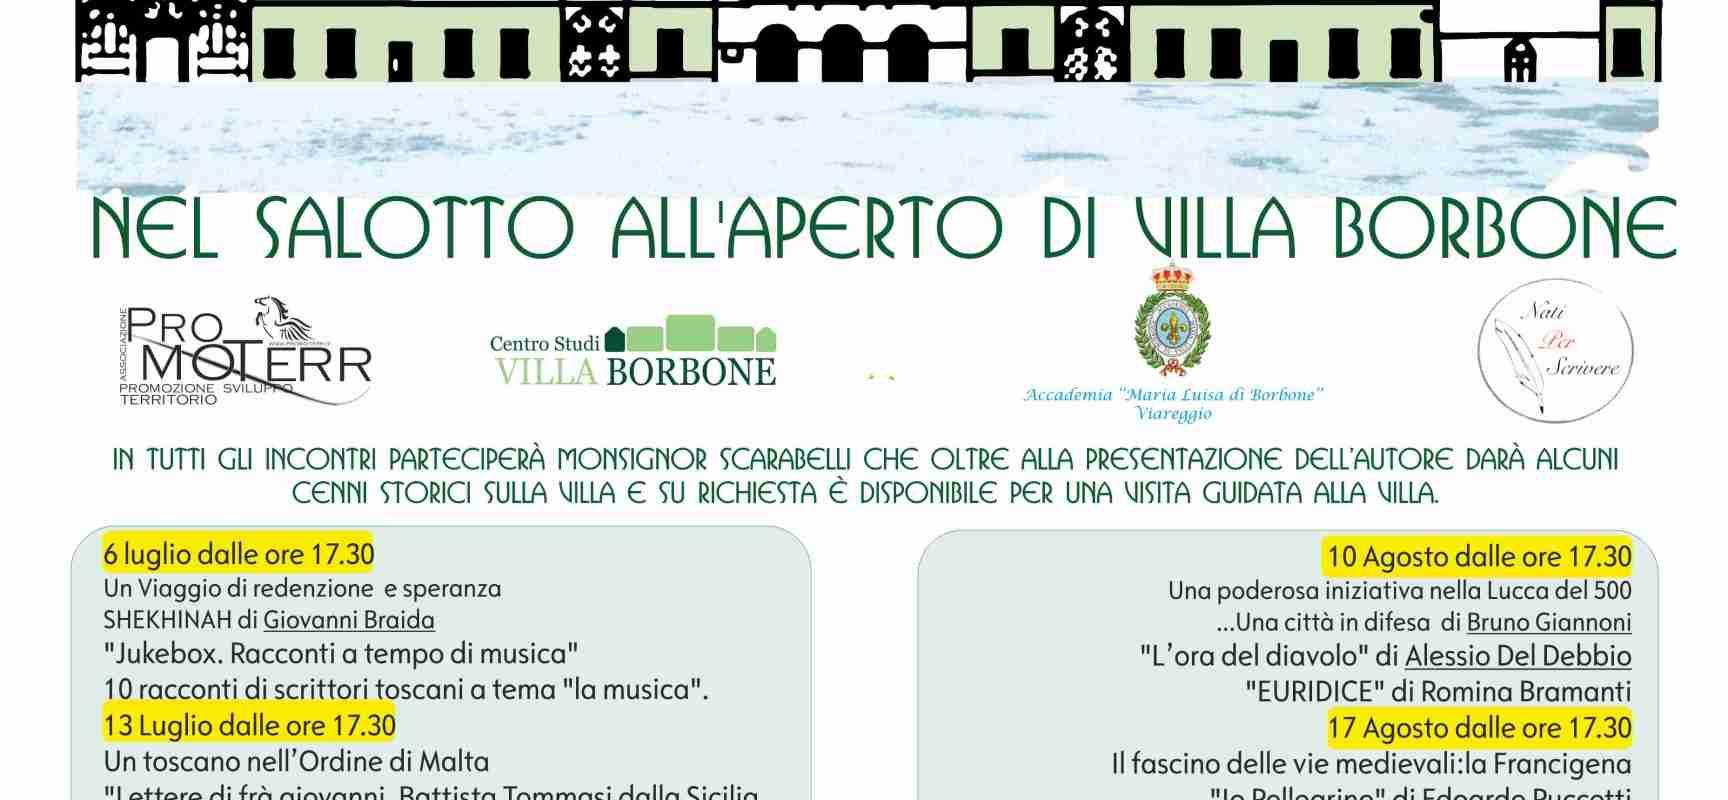 CS Venerdì letterari a Villa Borbone, Viareggio – terzo incontro, 20 luglio 2018